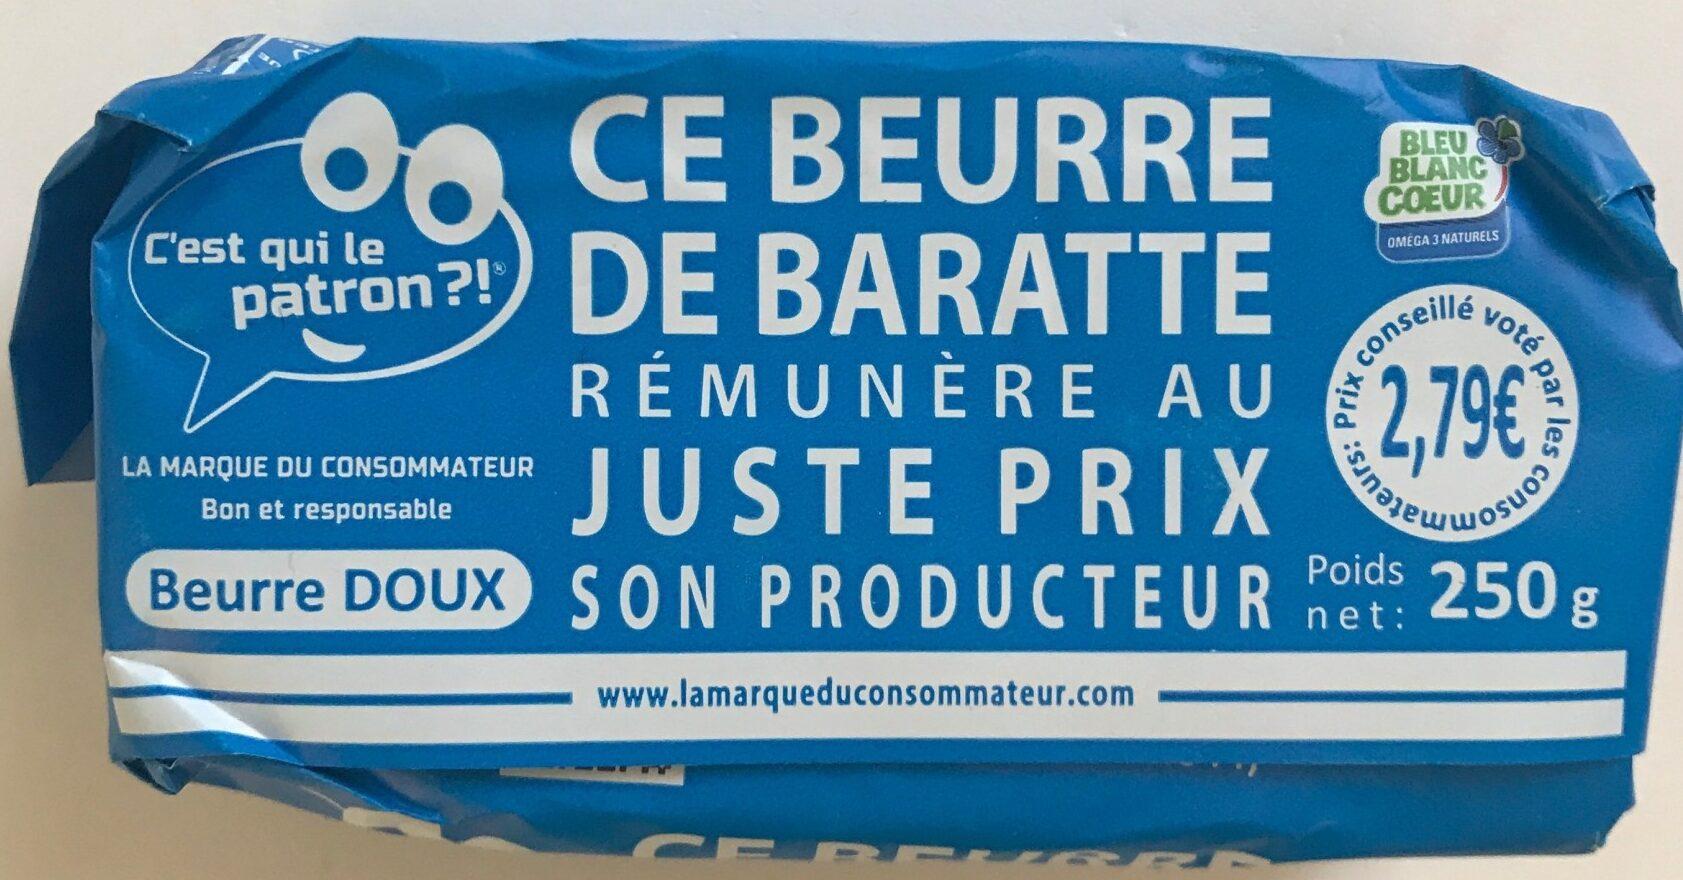 Beurre de Baratte Bleu-Blanc-Coeur - Product - fr